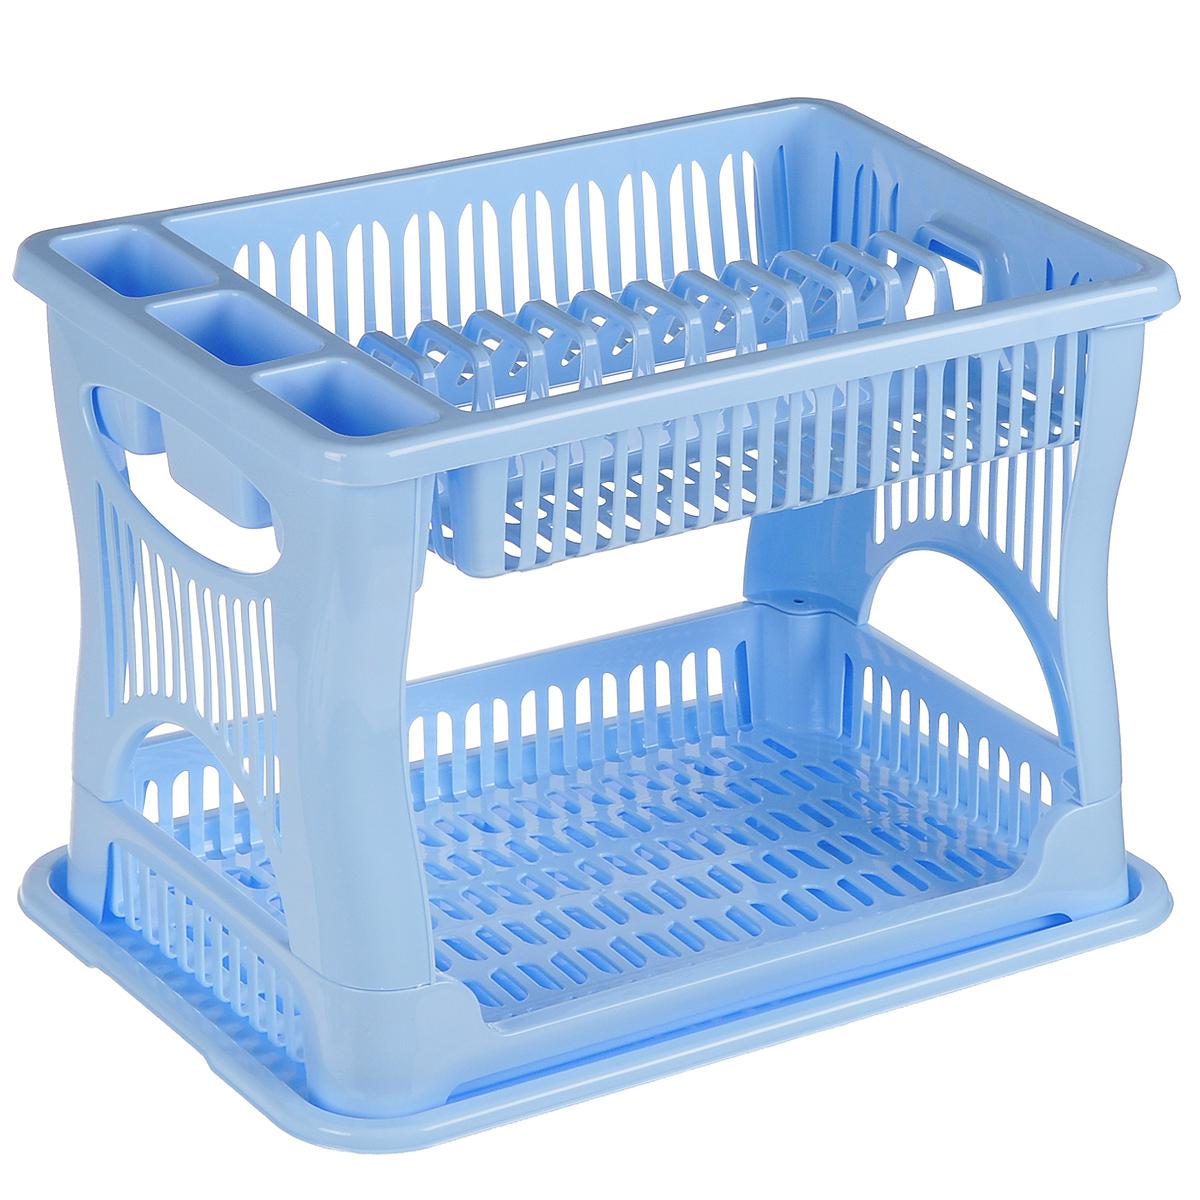 Сушилка для посуды Idea, 2-ярусная, цвет: голубой, 42 х 27 х 30,5 смМ 1175Двухъярусная сушилка Idea выполнена из прочного пластика и оснащена поддоном. Изделие комплектуется двумя ярусами: верхний ярус - для тарелок и столовых приборов, нижний ярус - для кружек, мисок и других предметов. Благодаря своей функциональности, сушилка для посуды Idea займет достойное место на вашей кухне и будет очень полезна любой хозяйке. Стильный, современный и лаконичный дизайн сделает сушилку прекрасным дополнением интерьера вашей кухни. Сушилку для посуды можете установить в любом удобном месте. Компактные размеры и оригинальный дизайн выделяют сушилку из ряда подобных. Общий размер сушилки: 42 см х 27 см х 30,5 см.